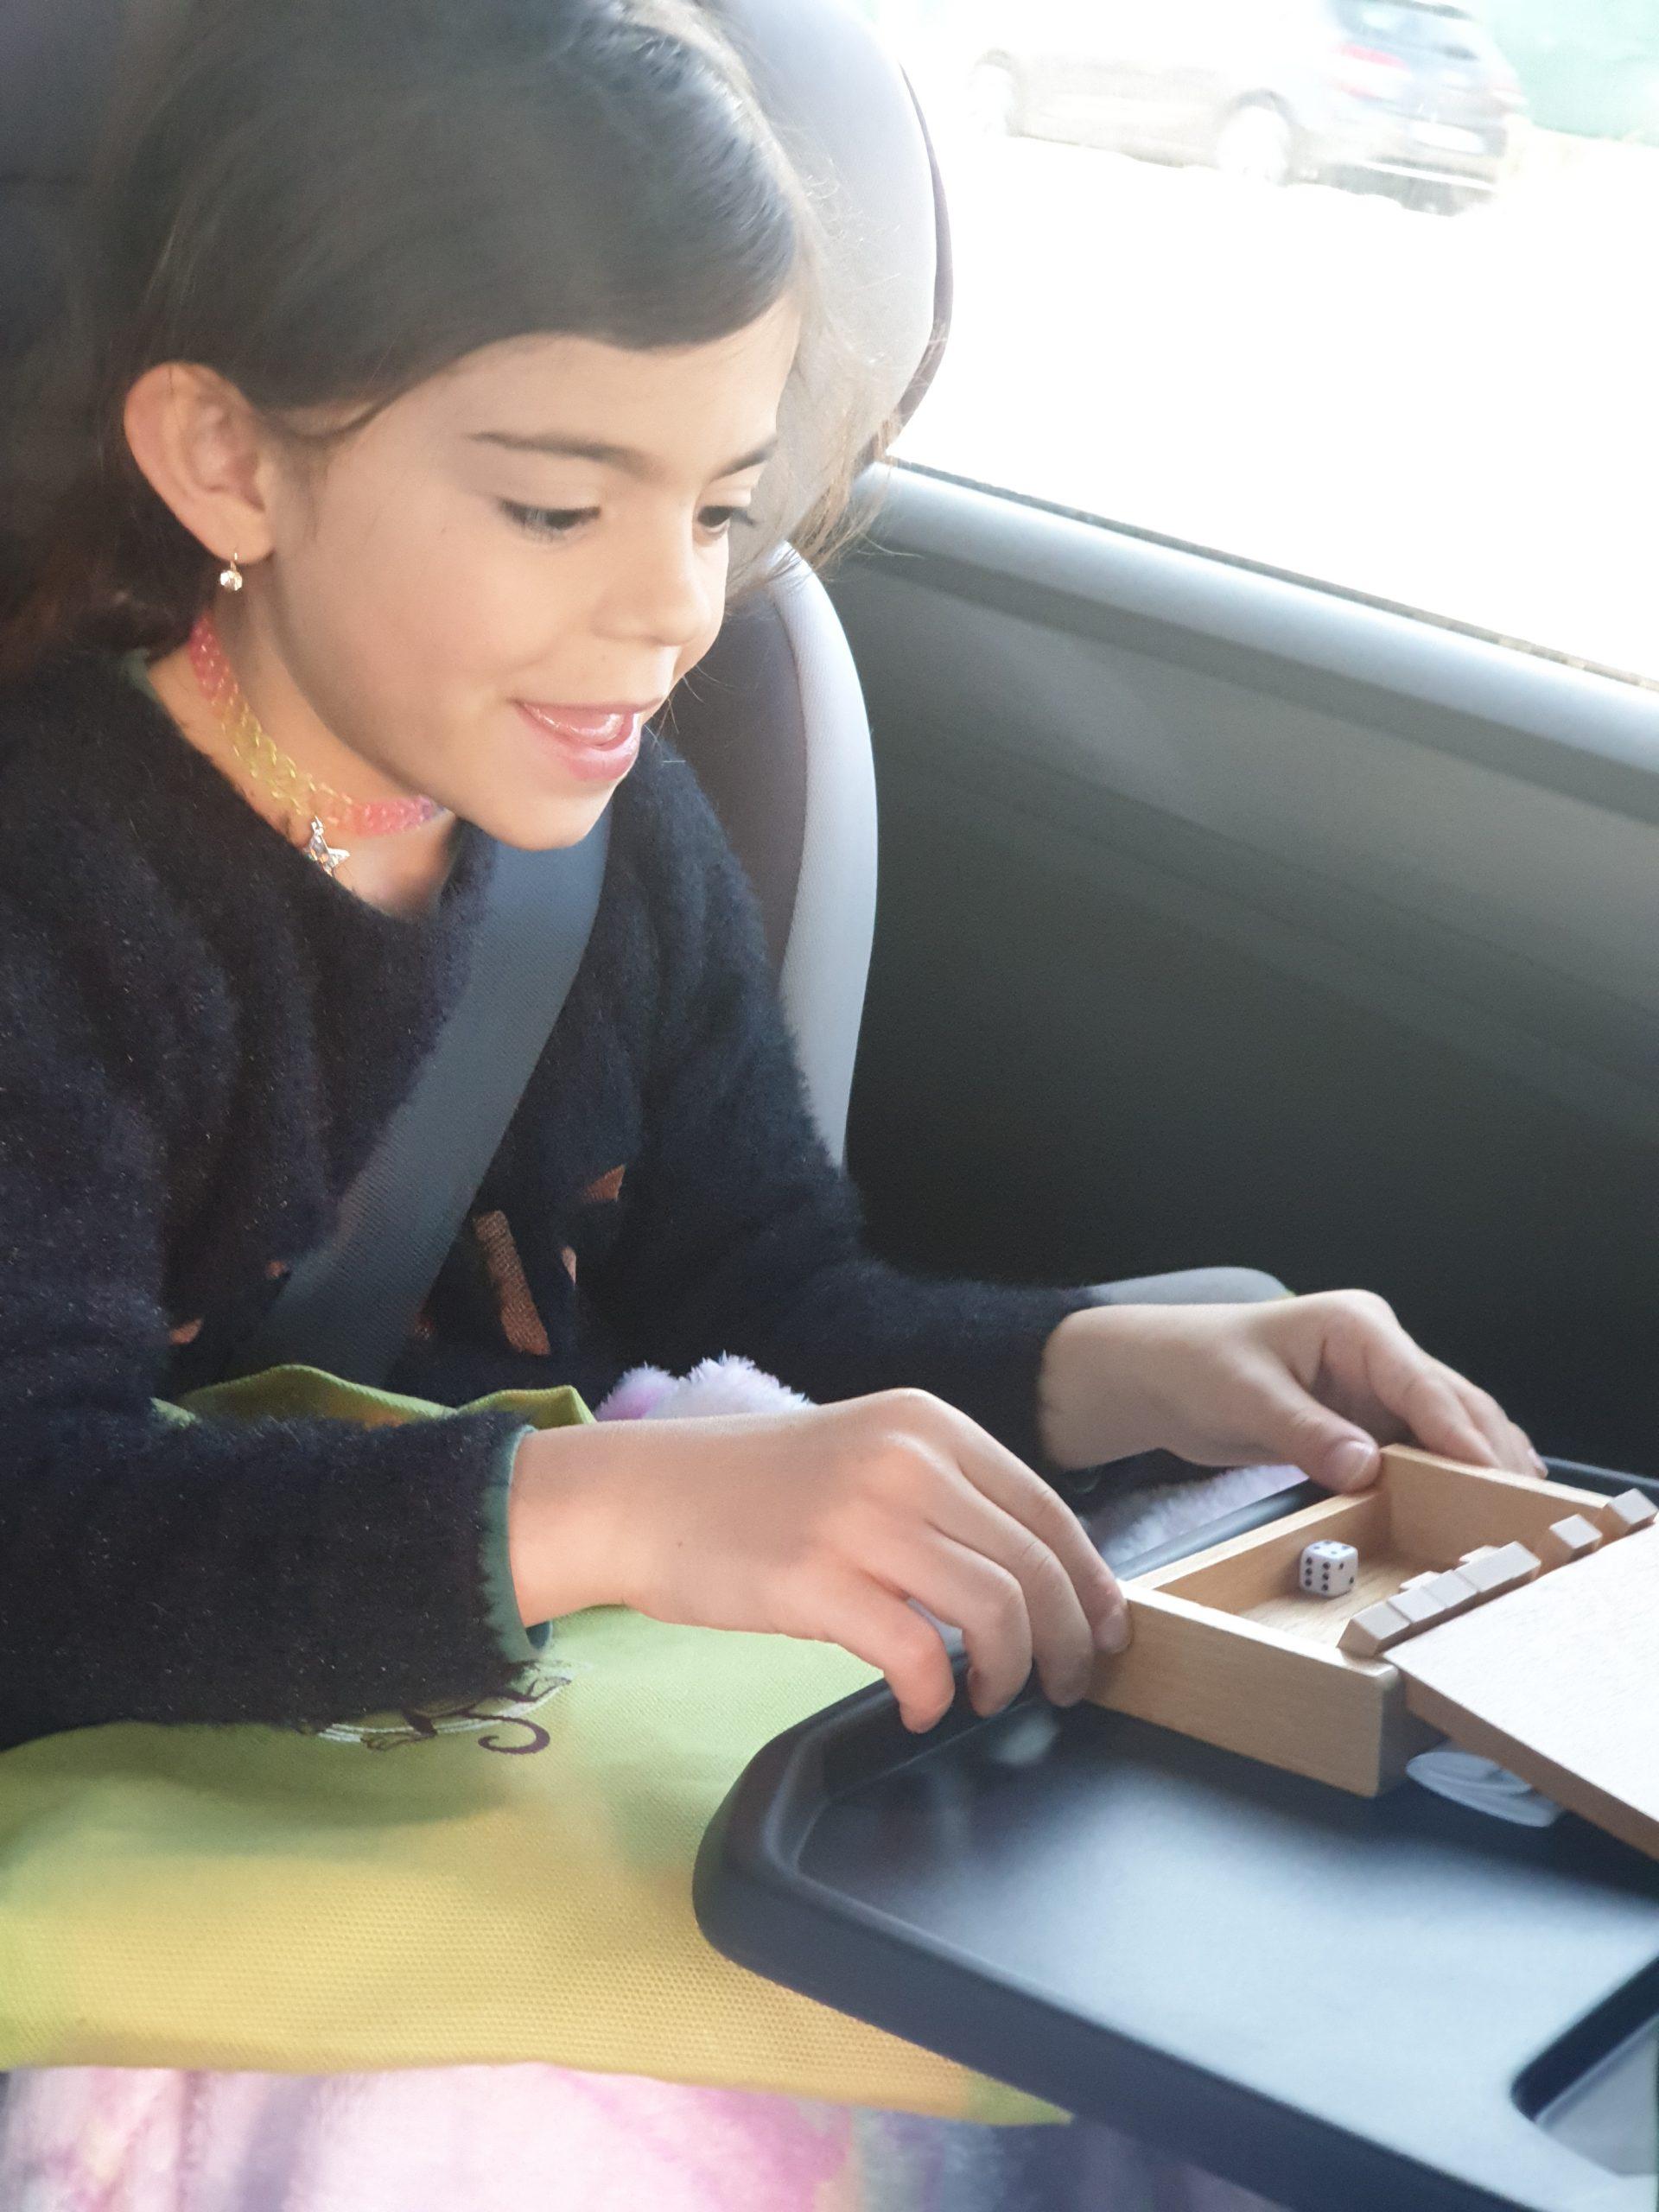 Comment occuper ses enfants lors d'un long trajet sans écran ?